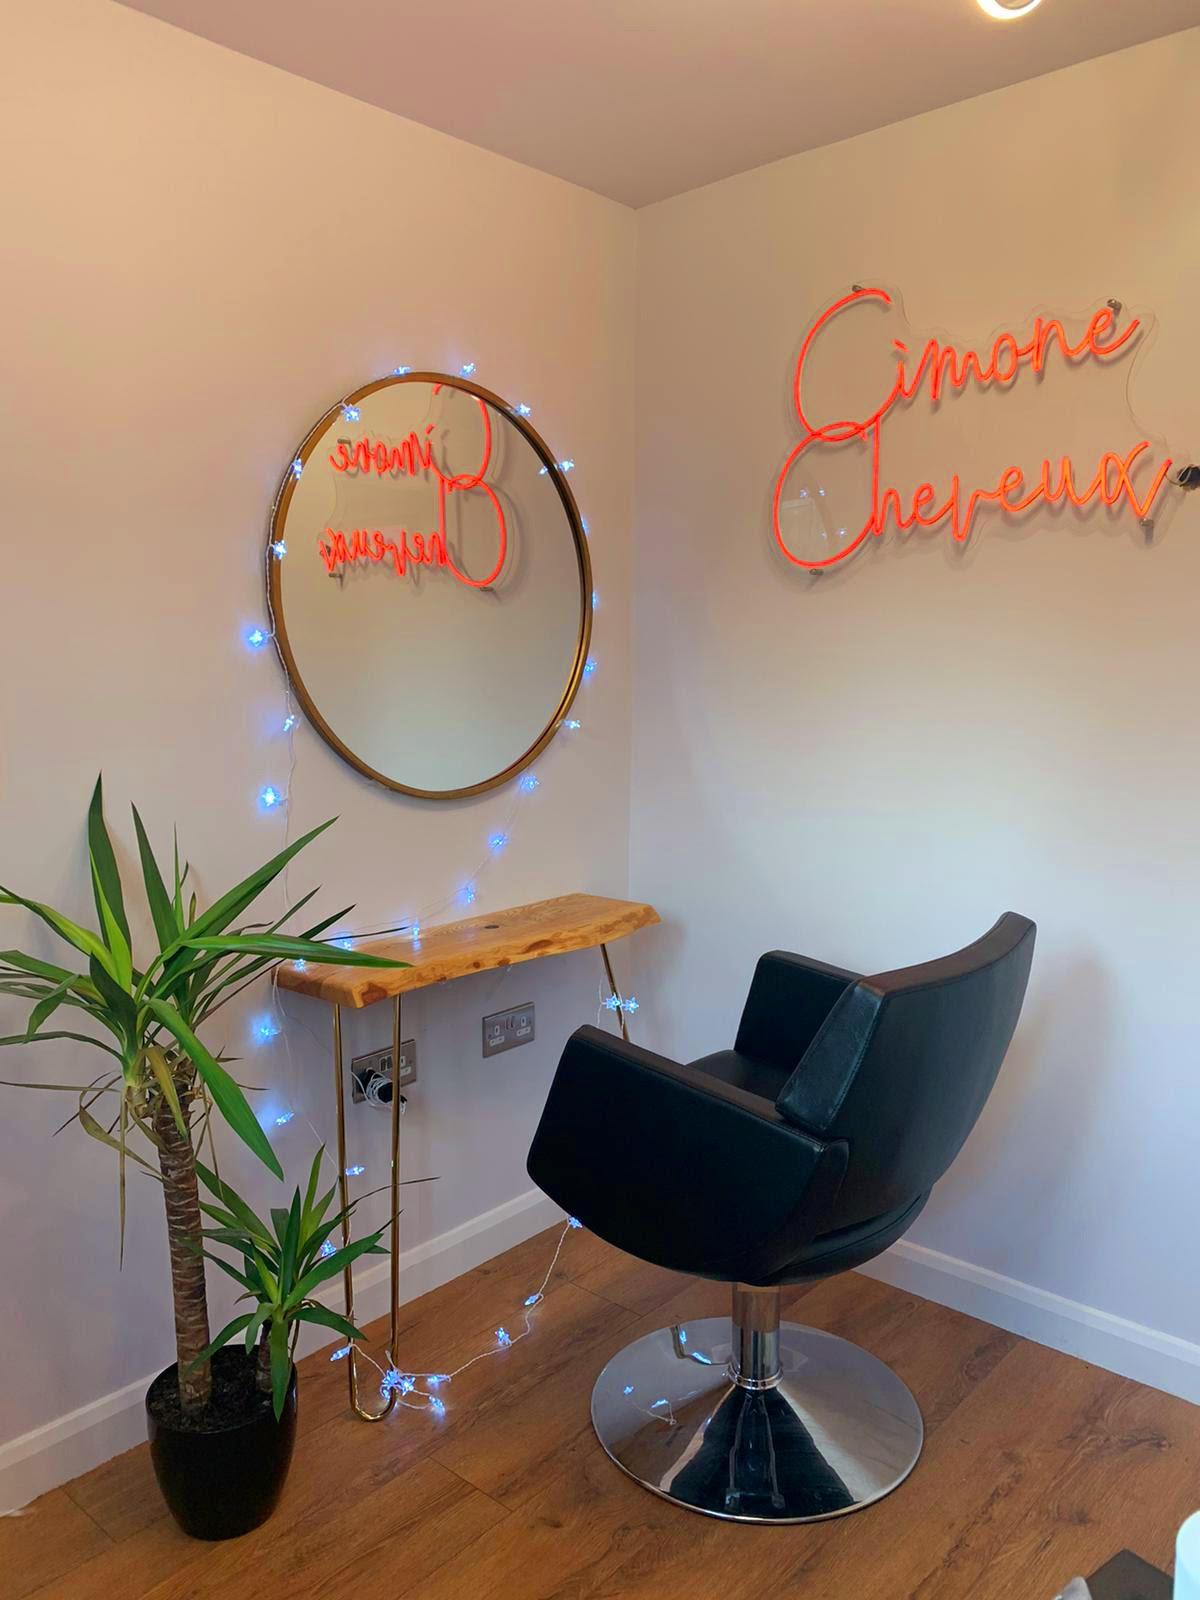 Cimone Cheveux's home studio